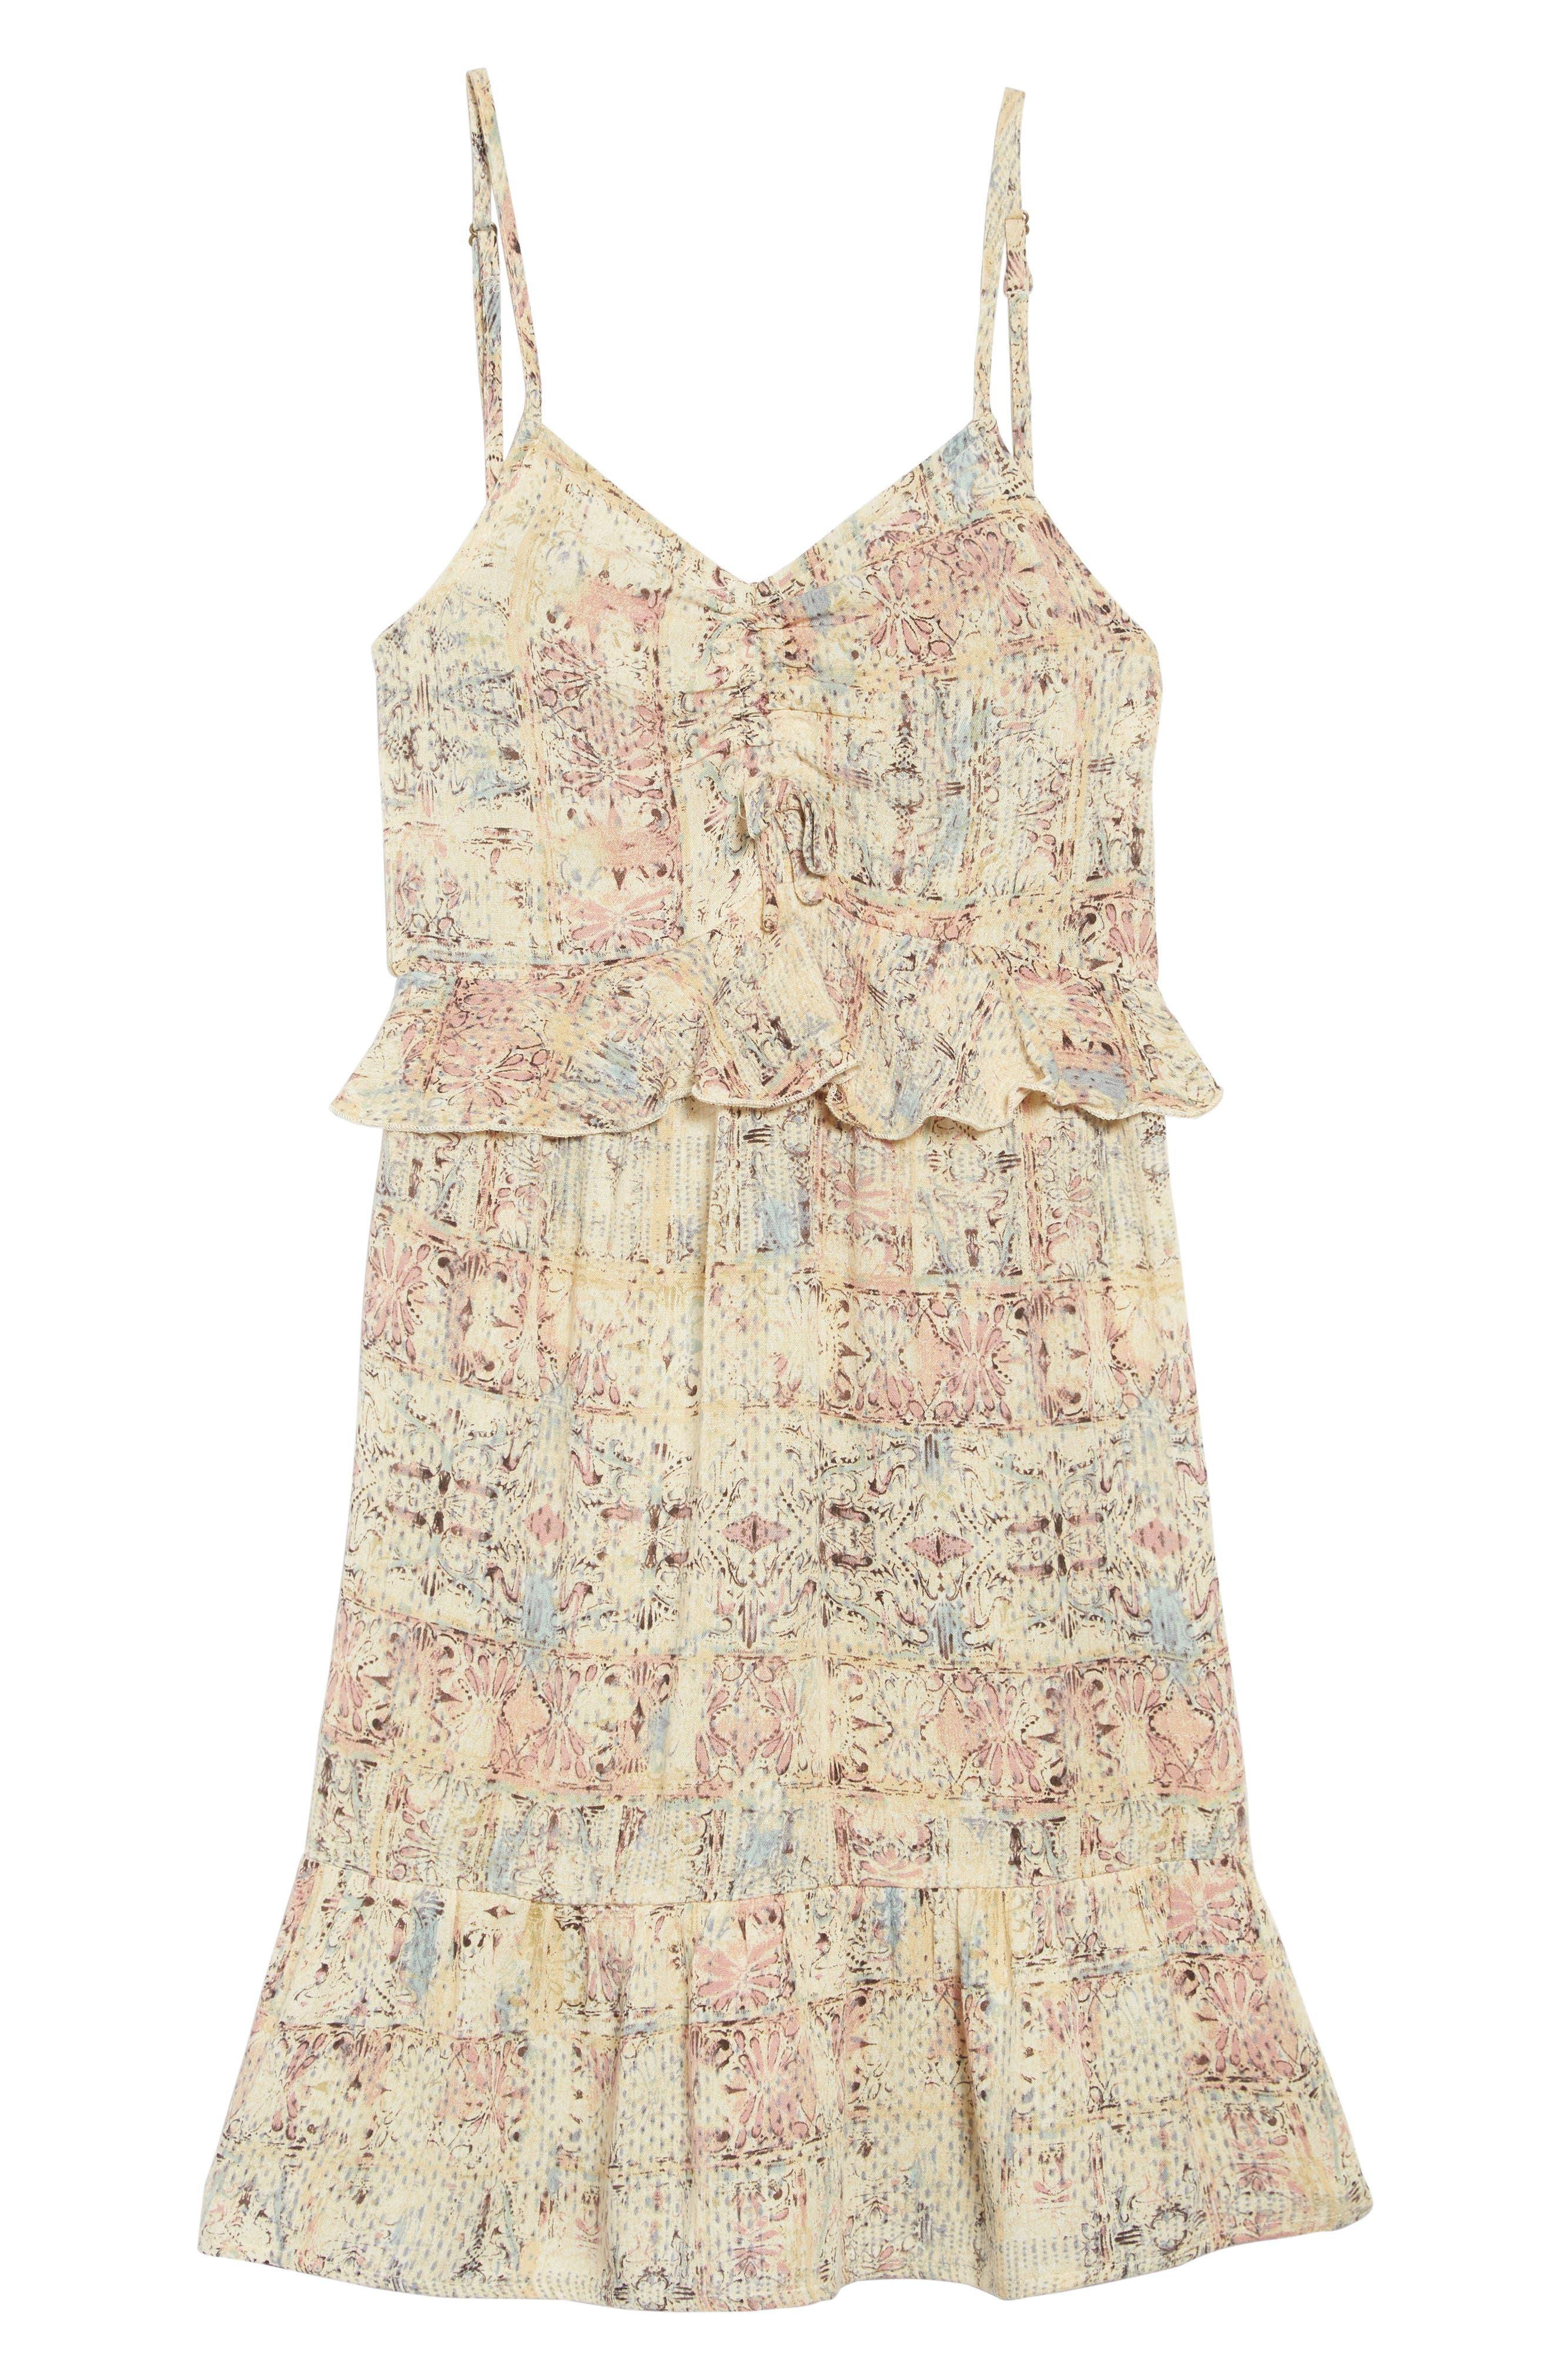 O'NEILL Lithia Peplum High/Low Dress, Main, color, 994